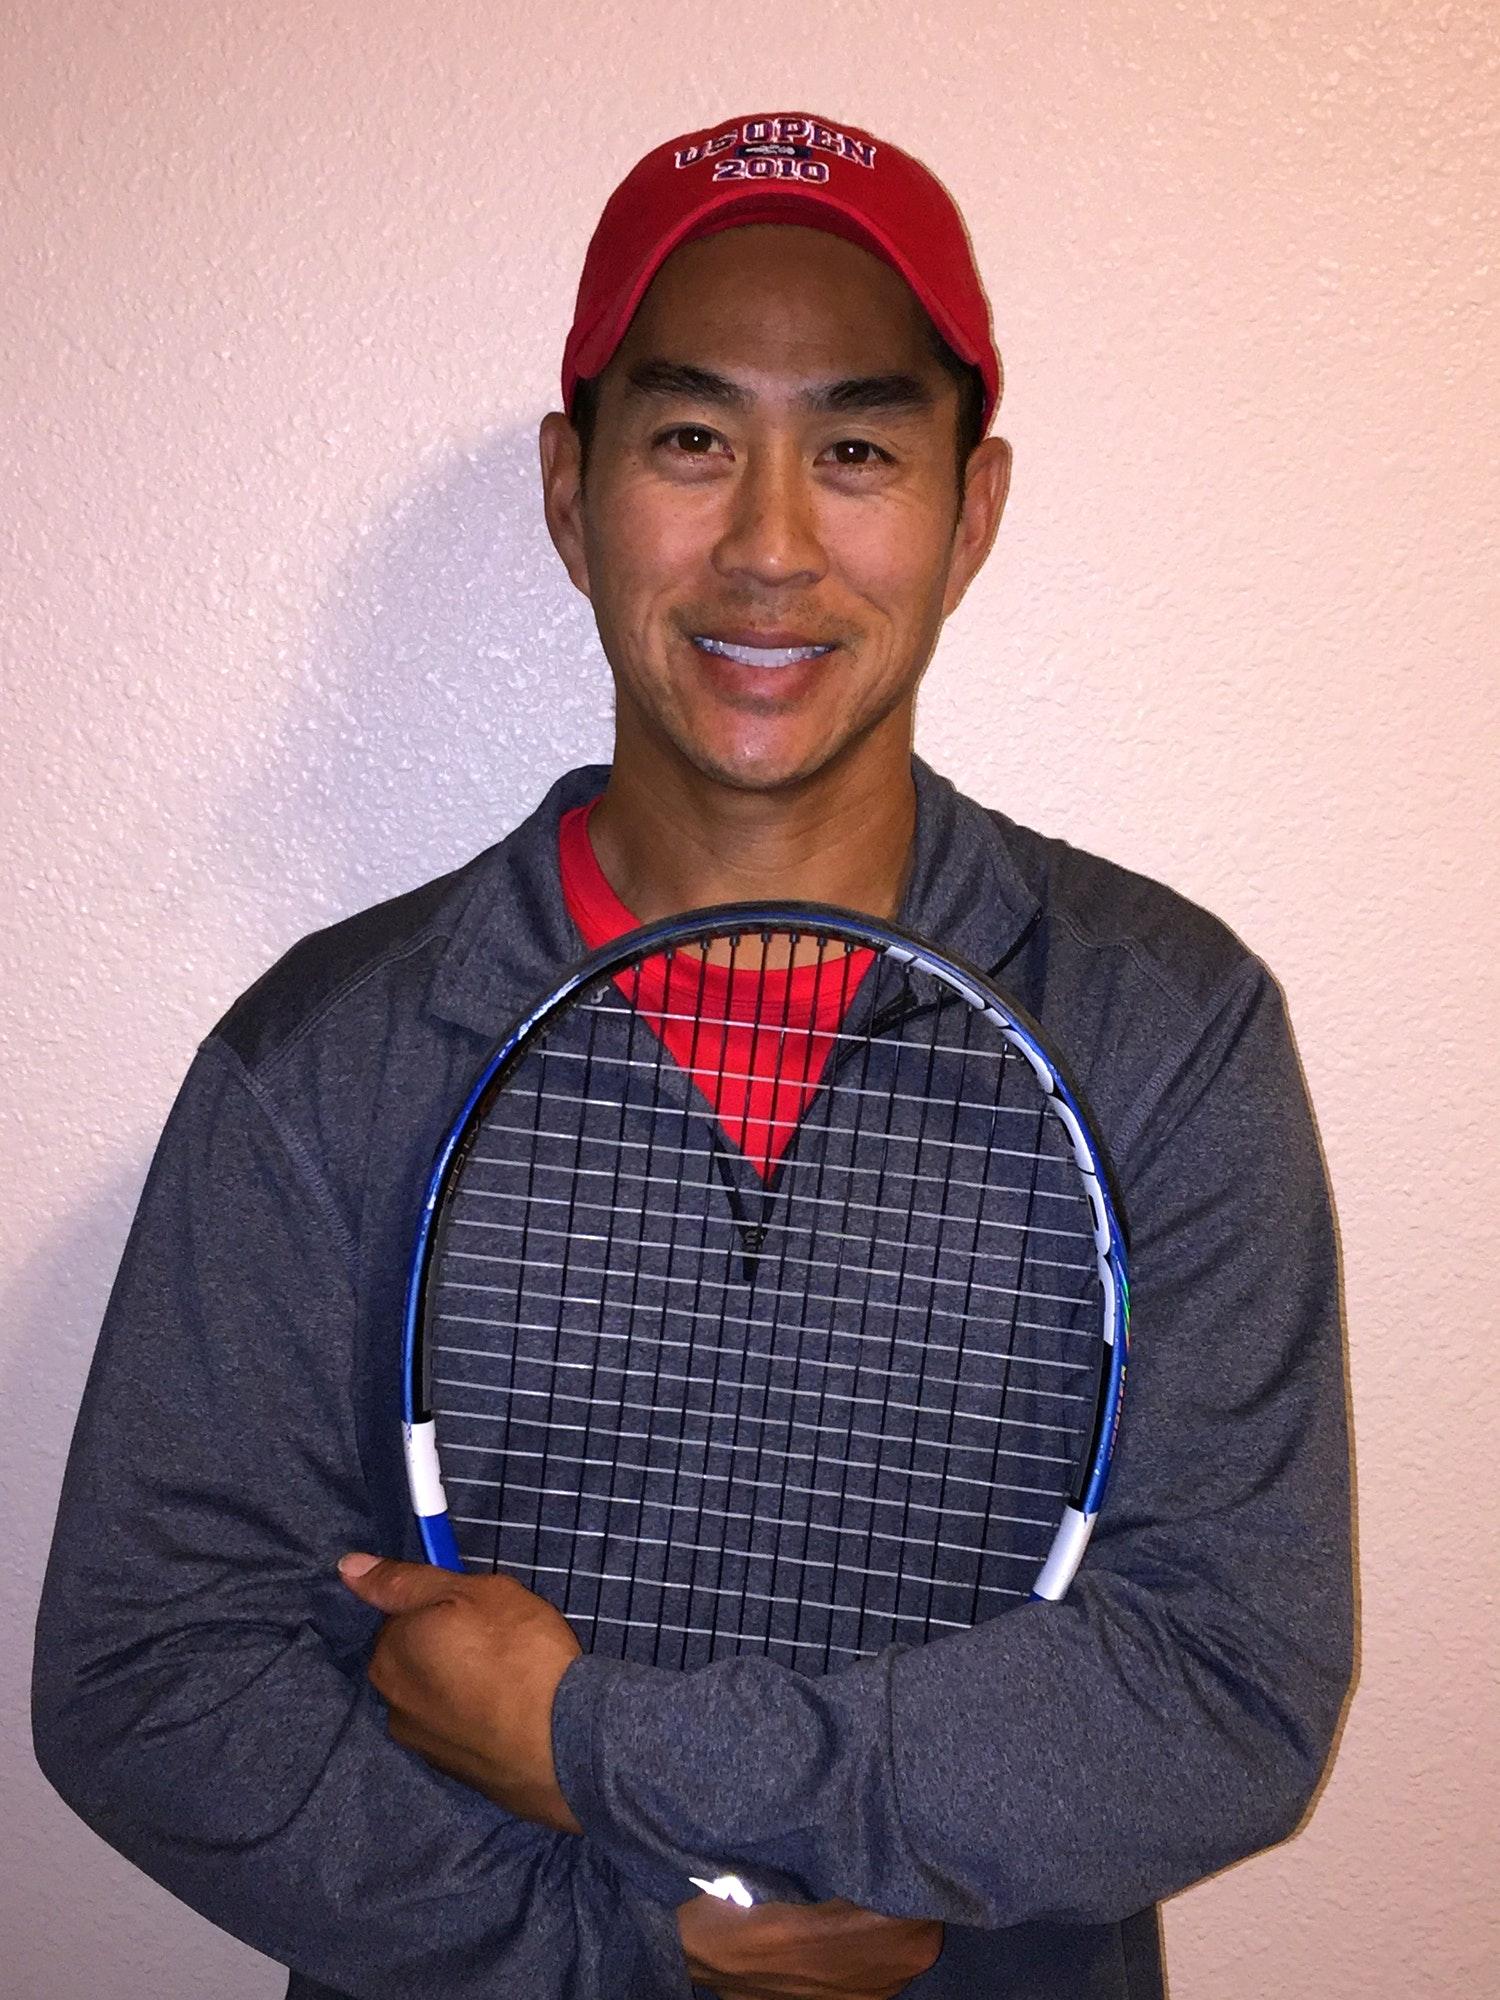 Richard Q. teaches tennis lessons in Clovis, CA